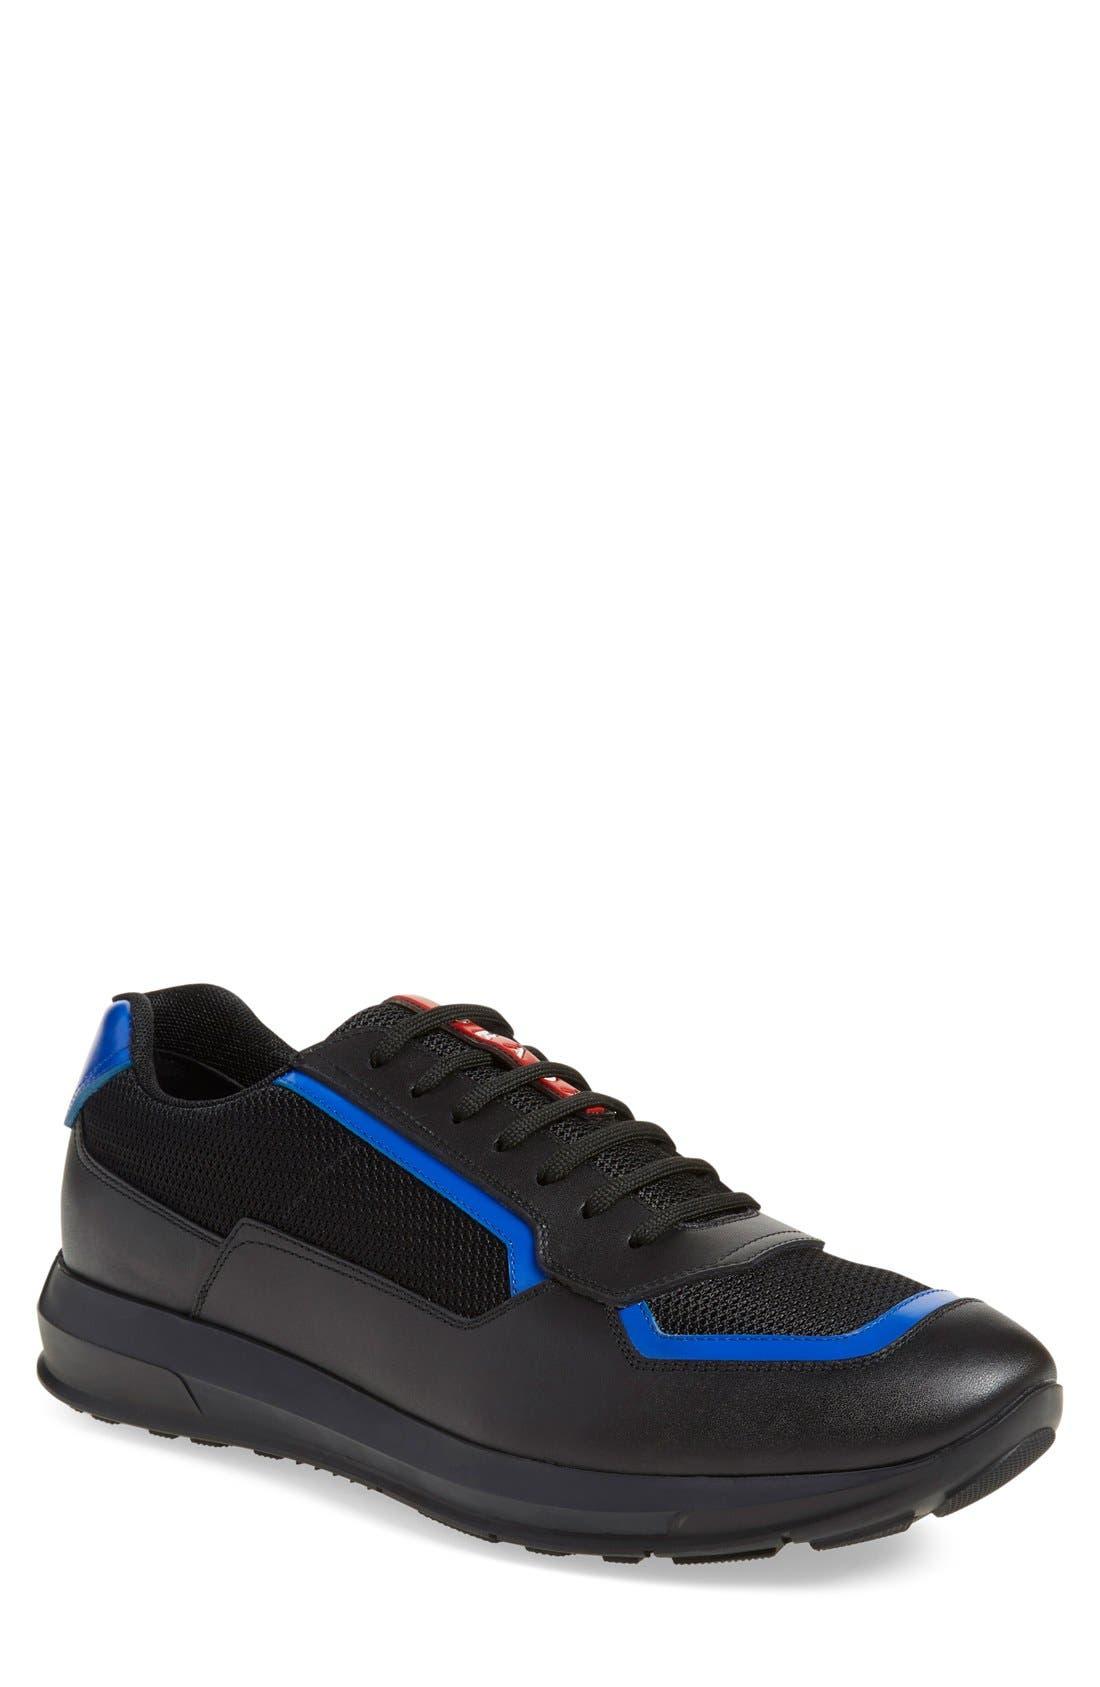 PRADA LINEA ROSSA 'Runner' Sneaker